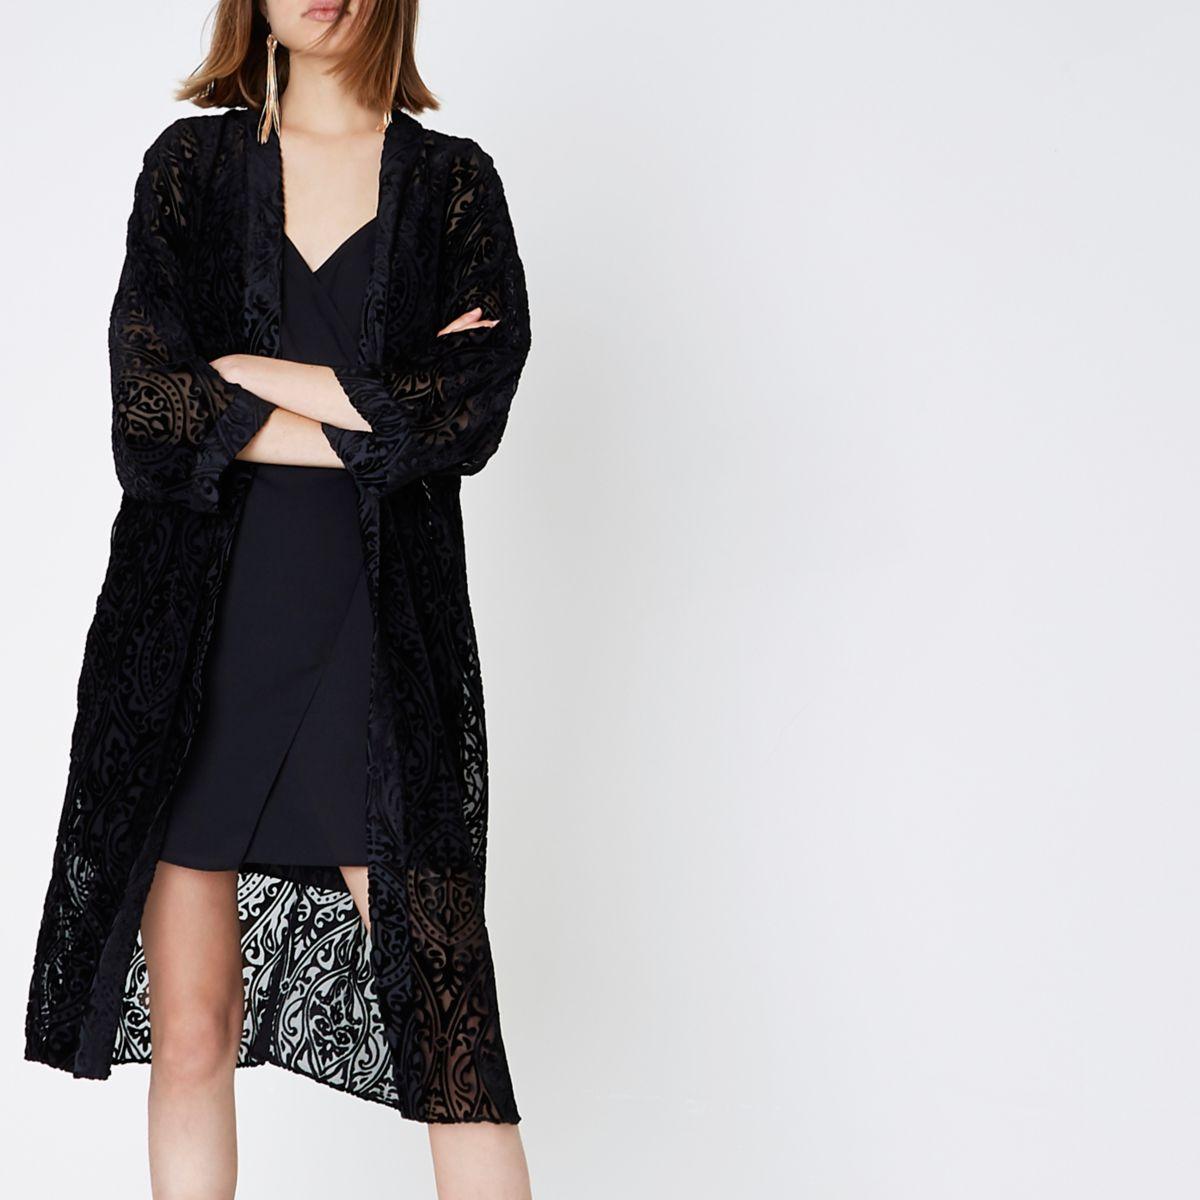 Schwarzer, langer Kimono mit Burnout-Muster